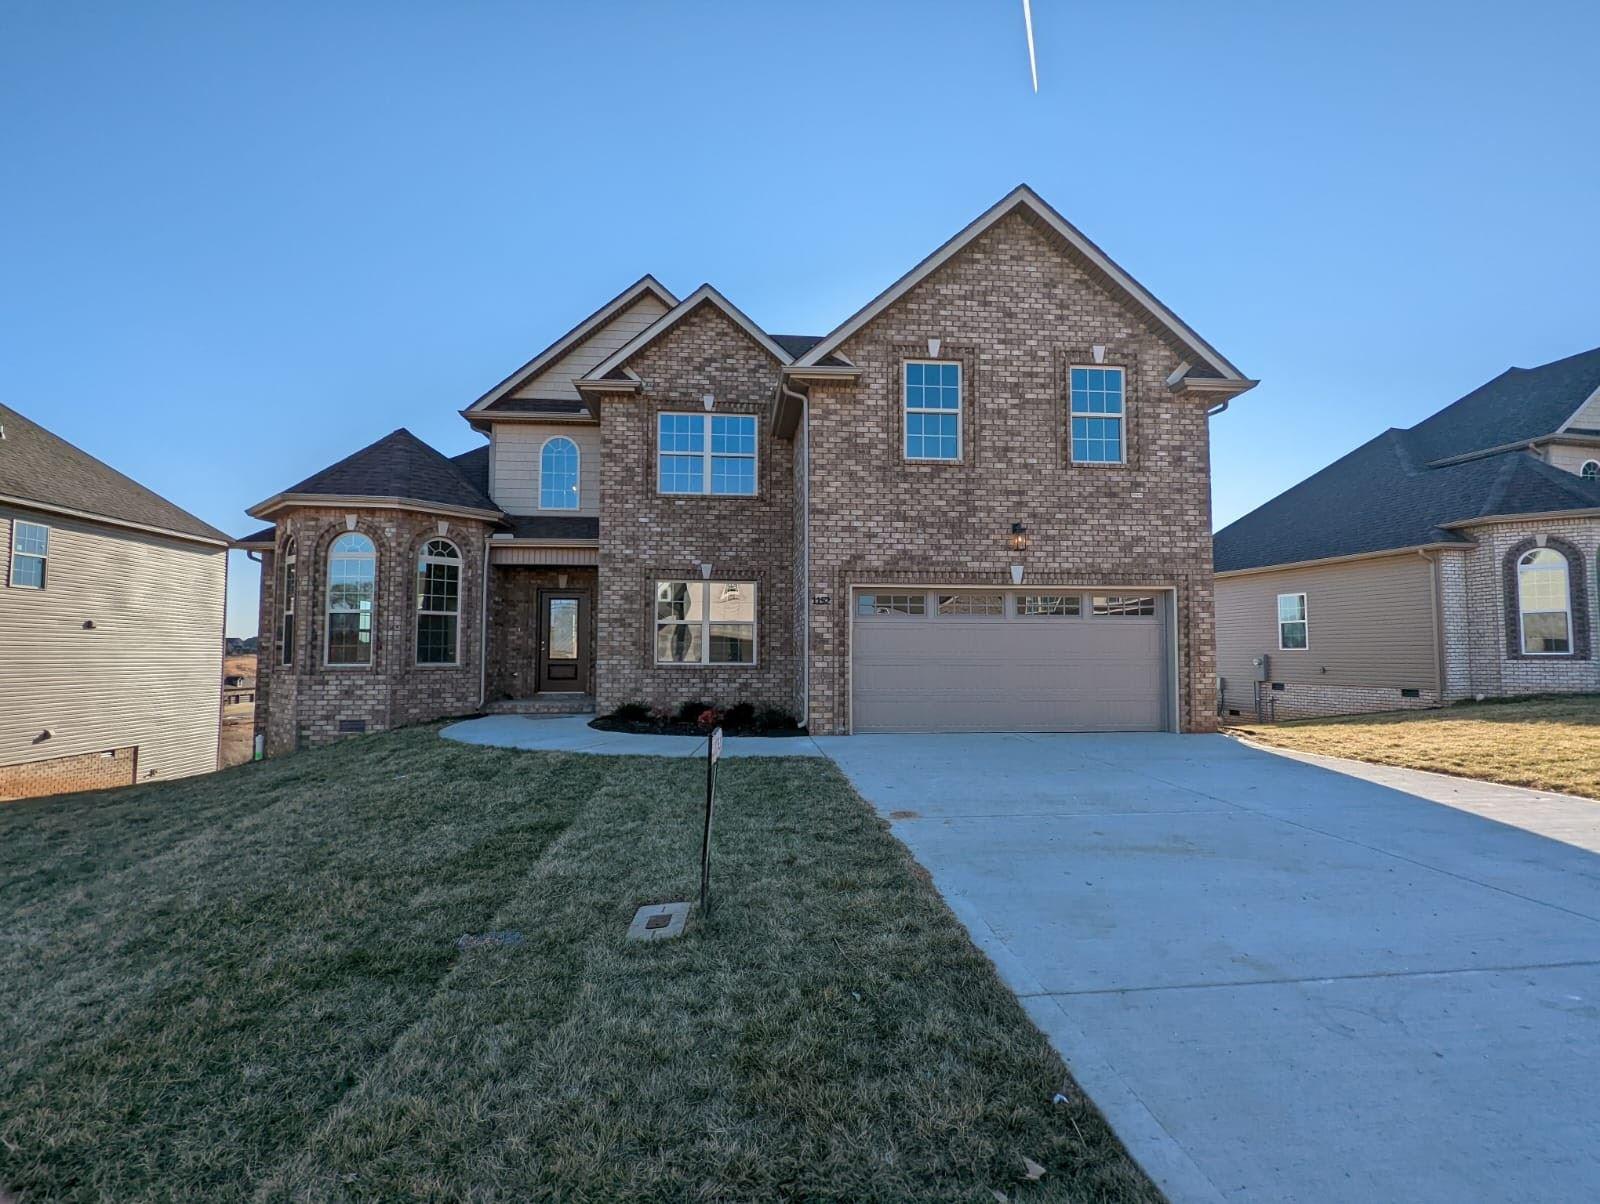 642 Farmington, Clarksville, TN 37043 - MLS#: 2288446